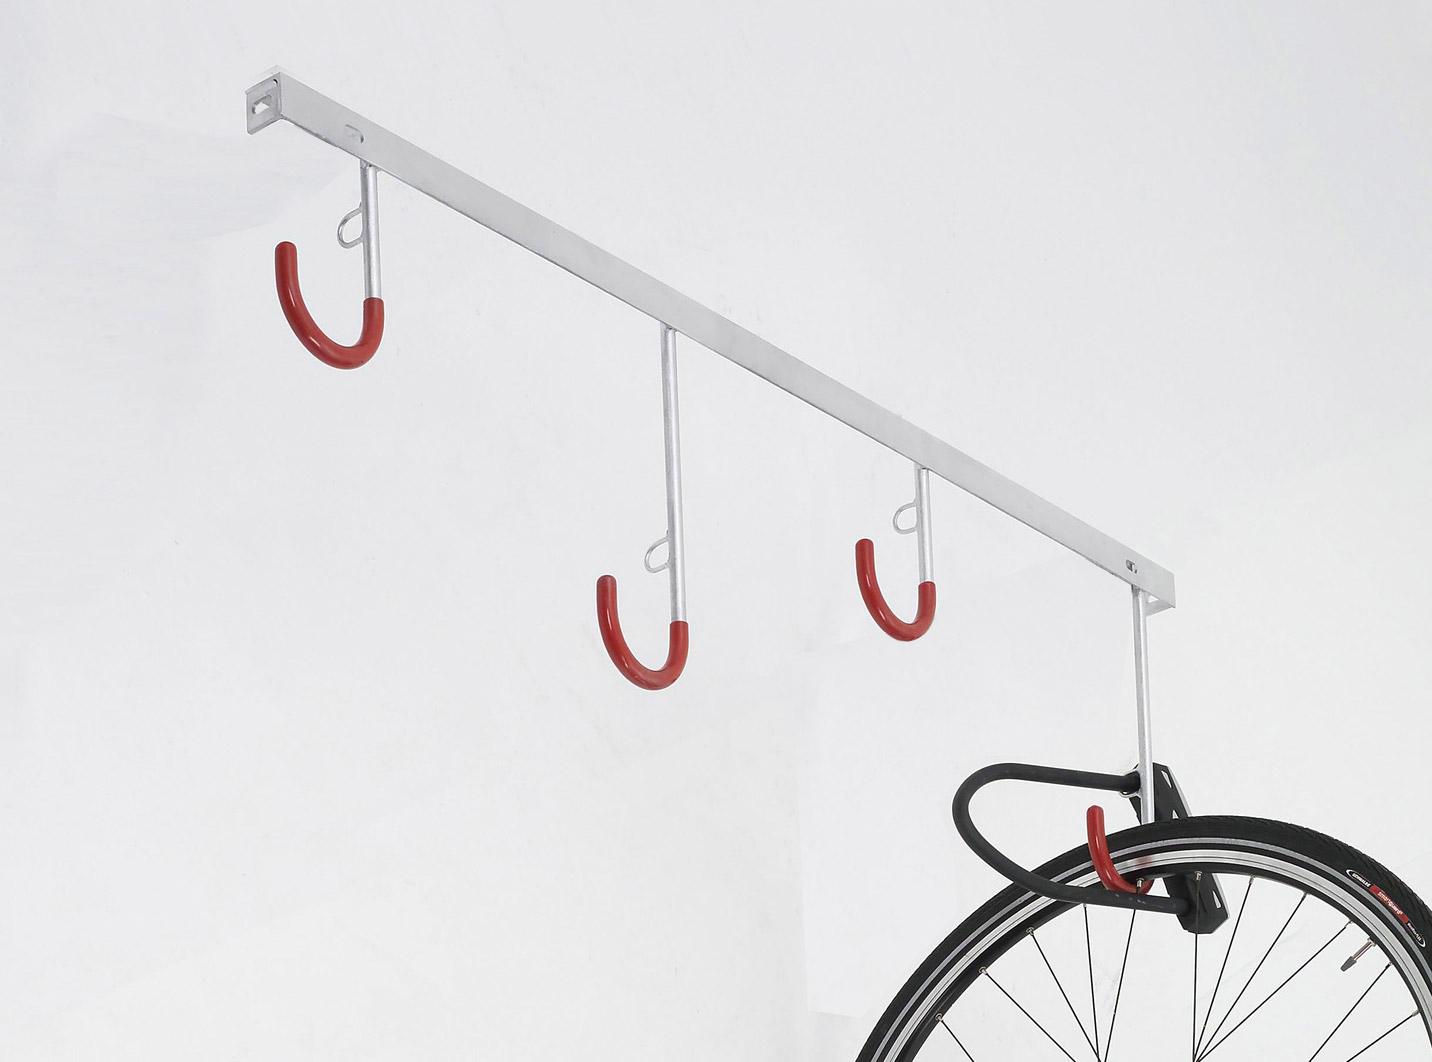 Fahrradständer Reihen Hängeparker für 8 Fahrräder